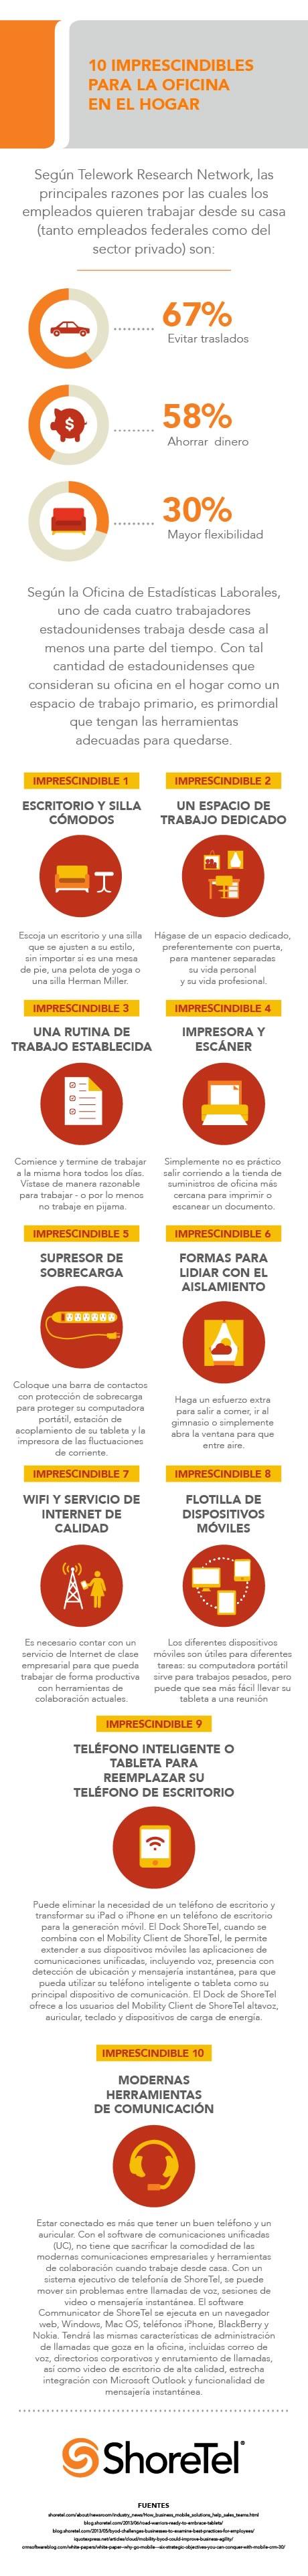 Las 10 herramientas necesarias para trabajar en casa [Infografía] - herramientas-para-trabajar-desde-casa